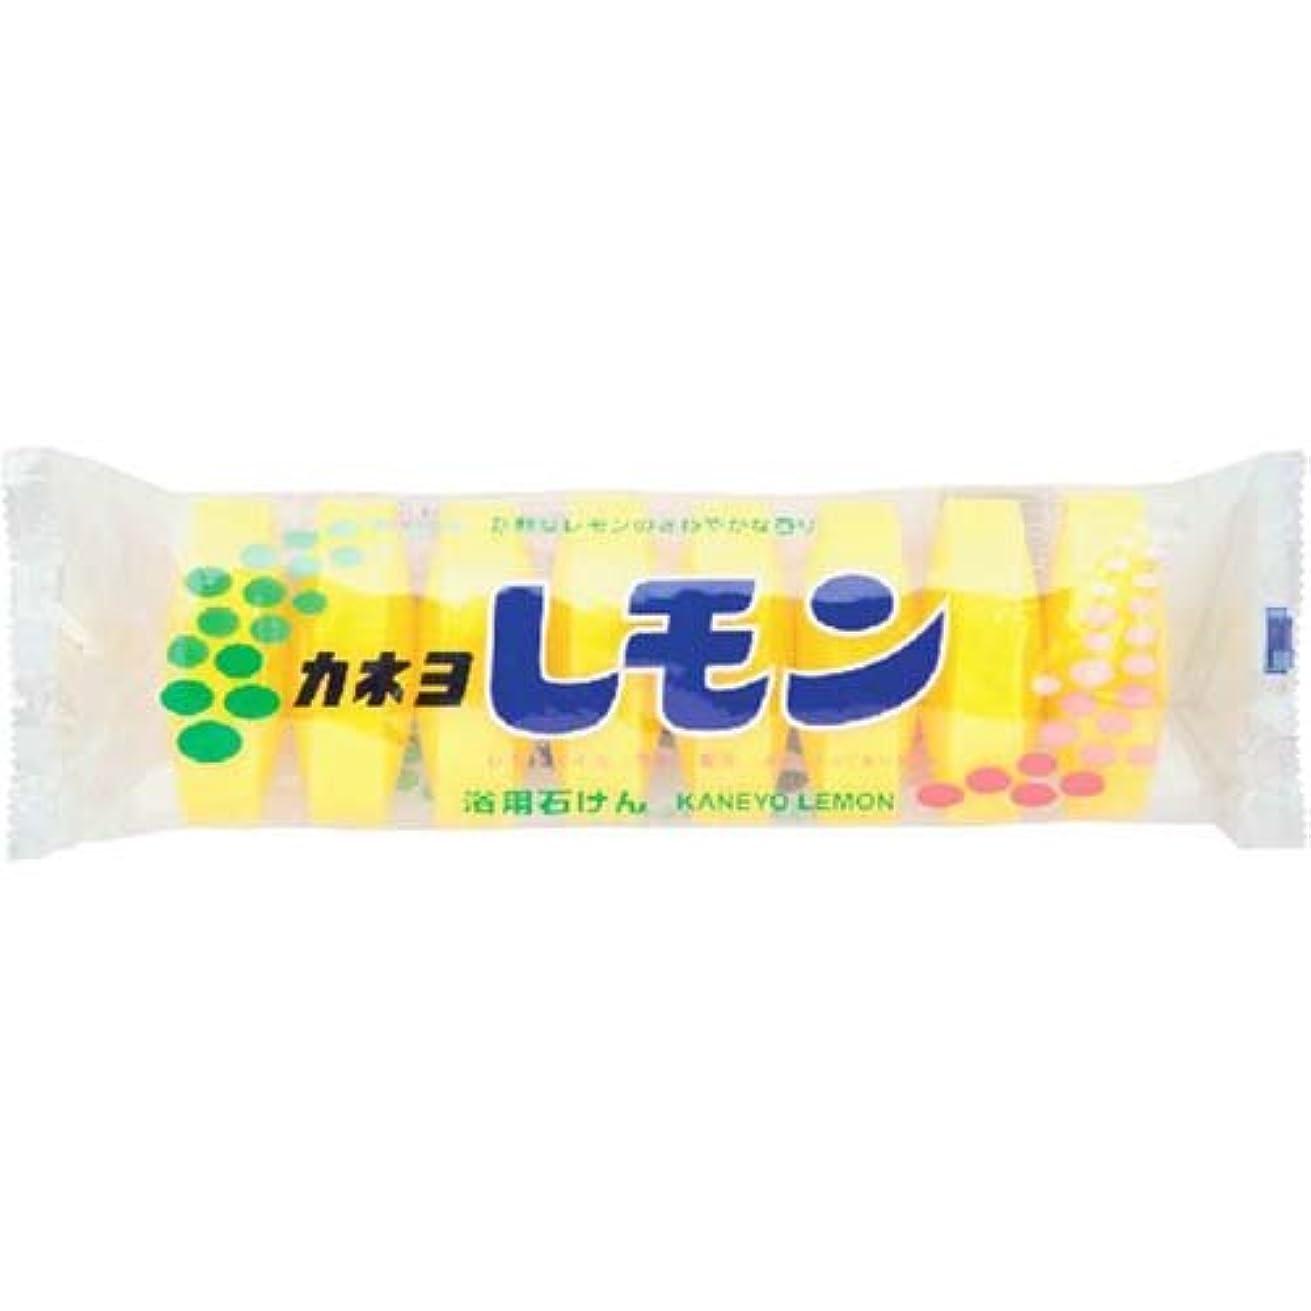 クレデンシャルタンカーかもめカネヨ レモン石鹸 8個